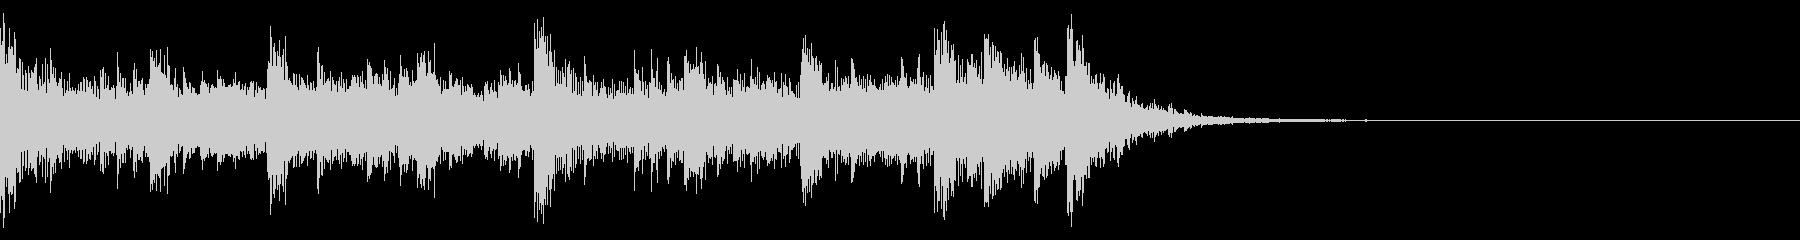 ミニマルなロック 楽しいCMに 12秒の未再生の波形